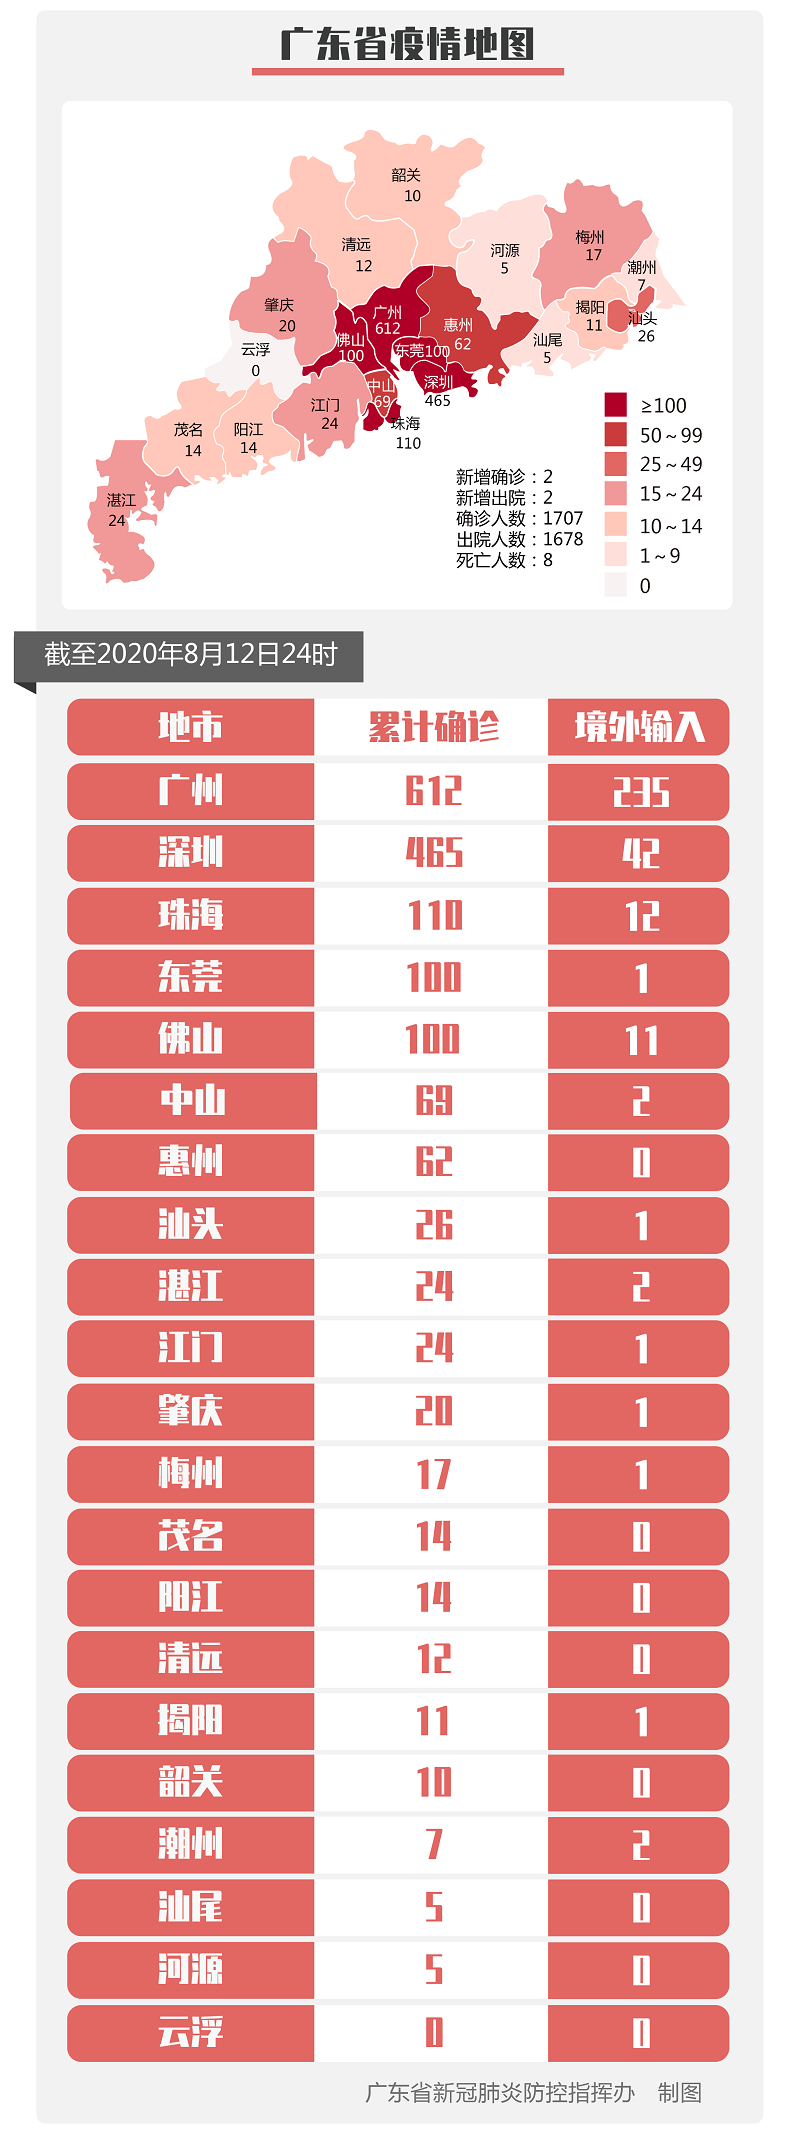 广东昨日新增2例境外输入确诊病例,无症状感染者6例